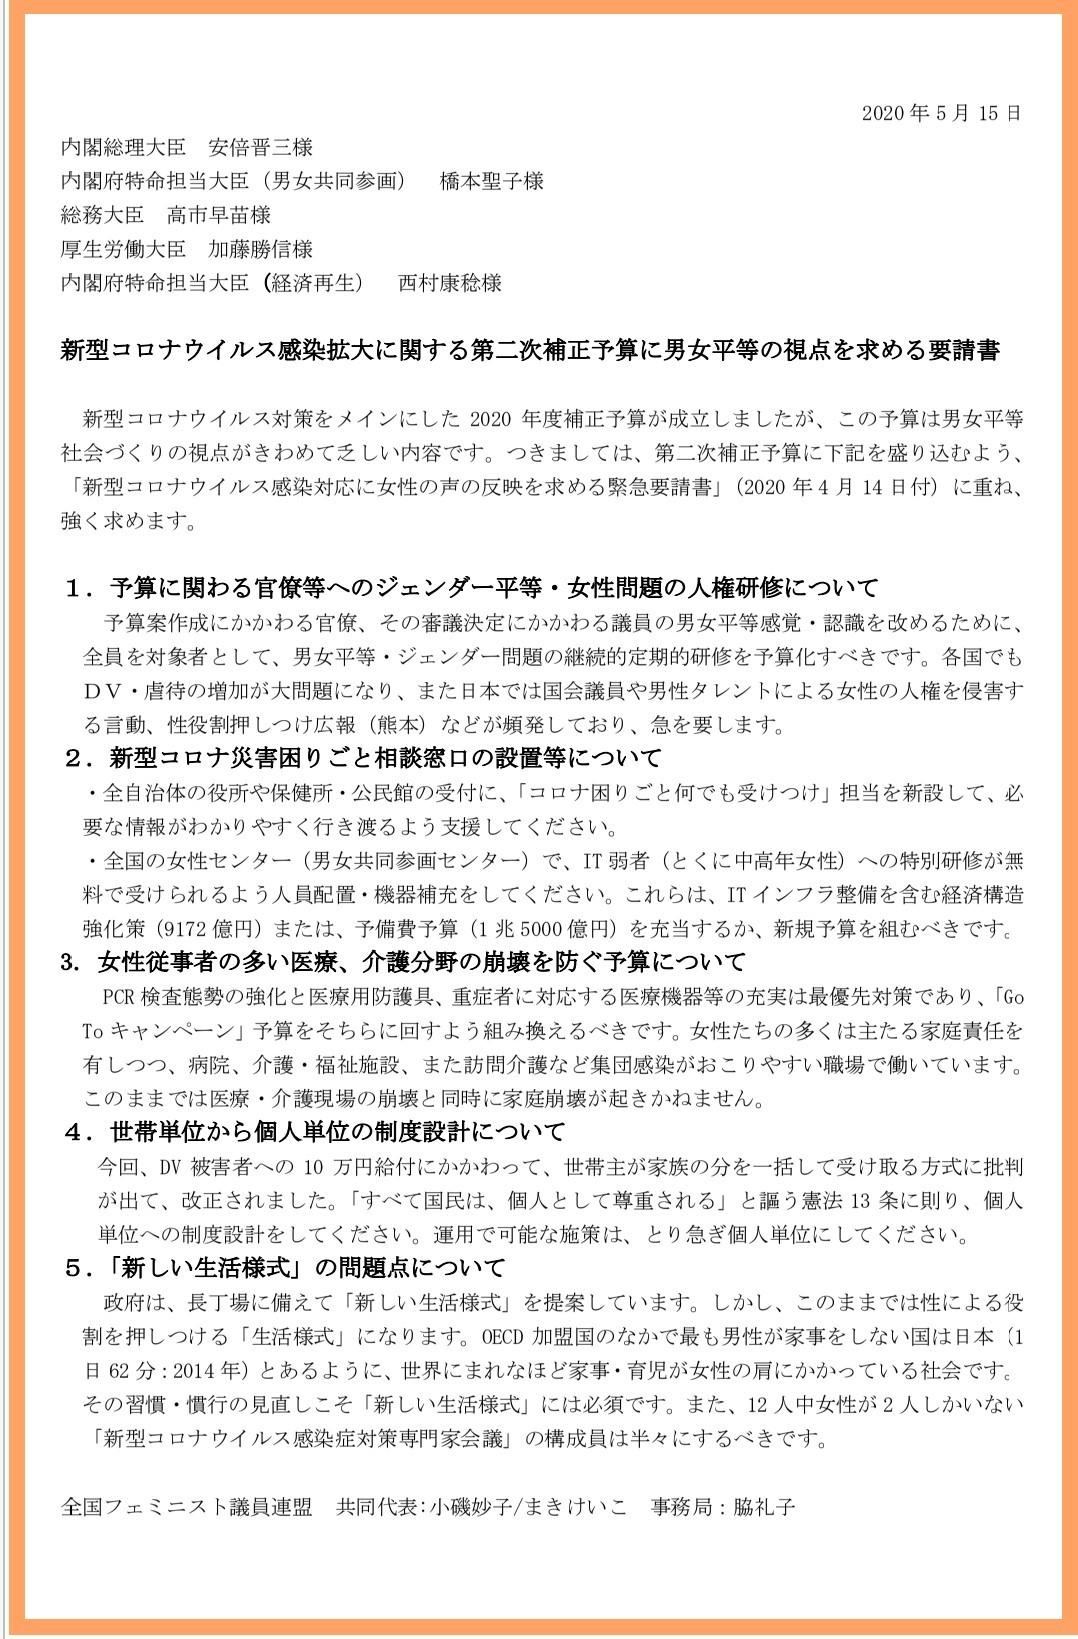 コロナウイルス:予算を男女平等に(全国フェミニスト議員連盟)_c0166264_09005821.jpg